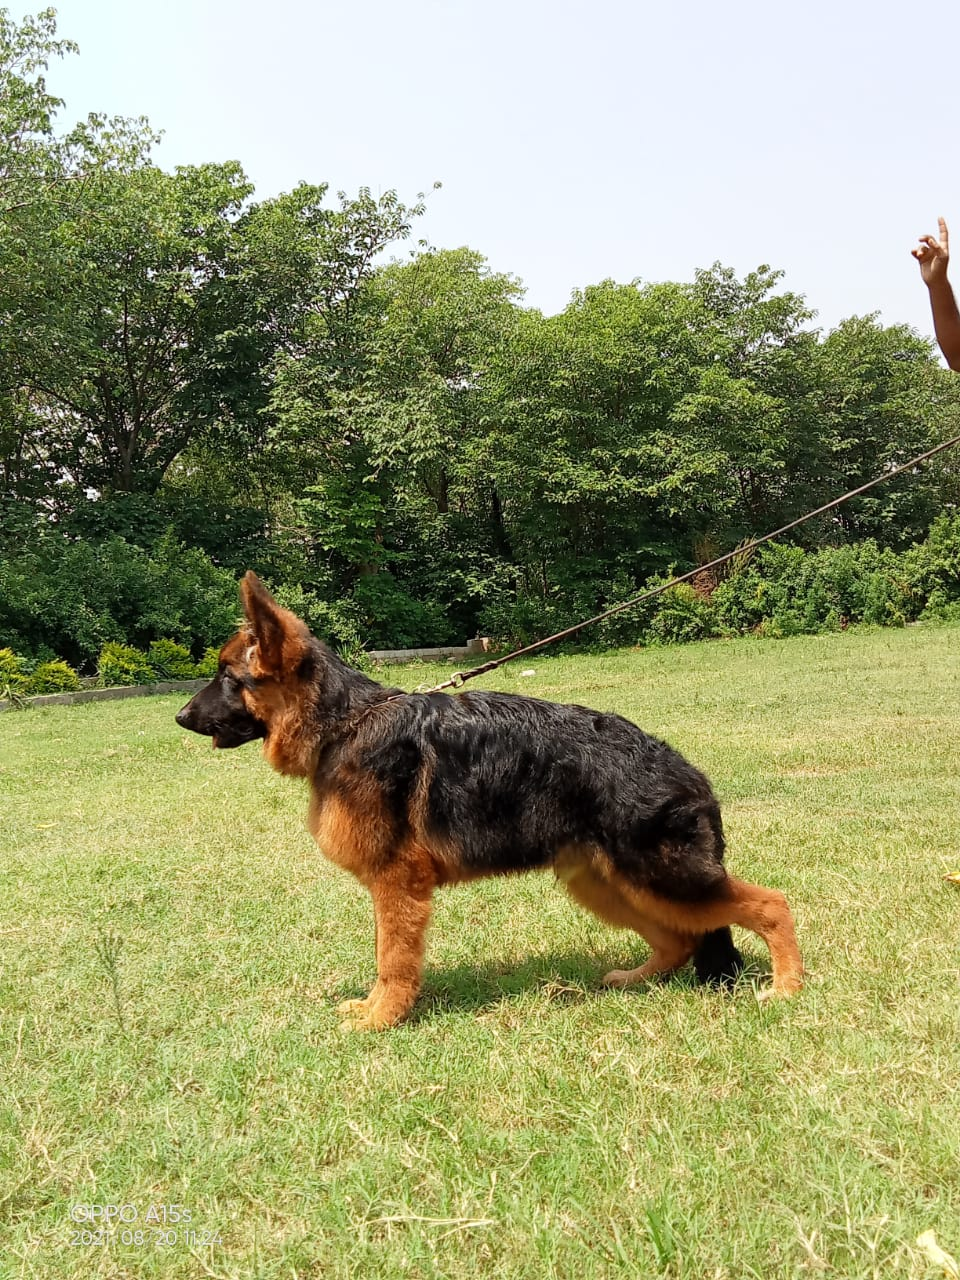 public/dog_images/13038/1631712743.IMG-20210902-WA0023.jpg